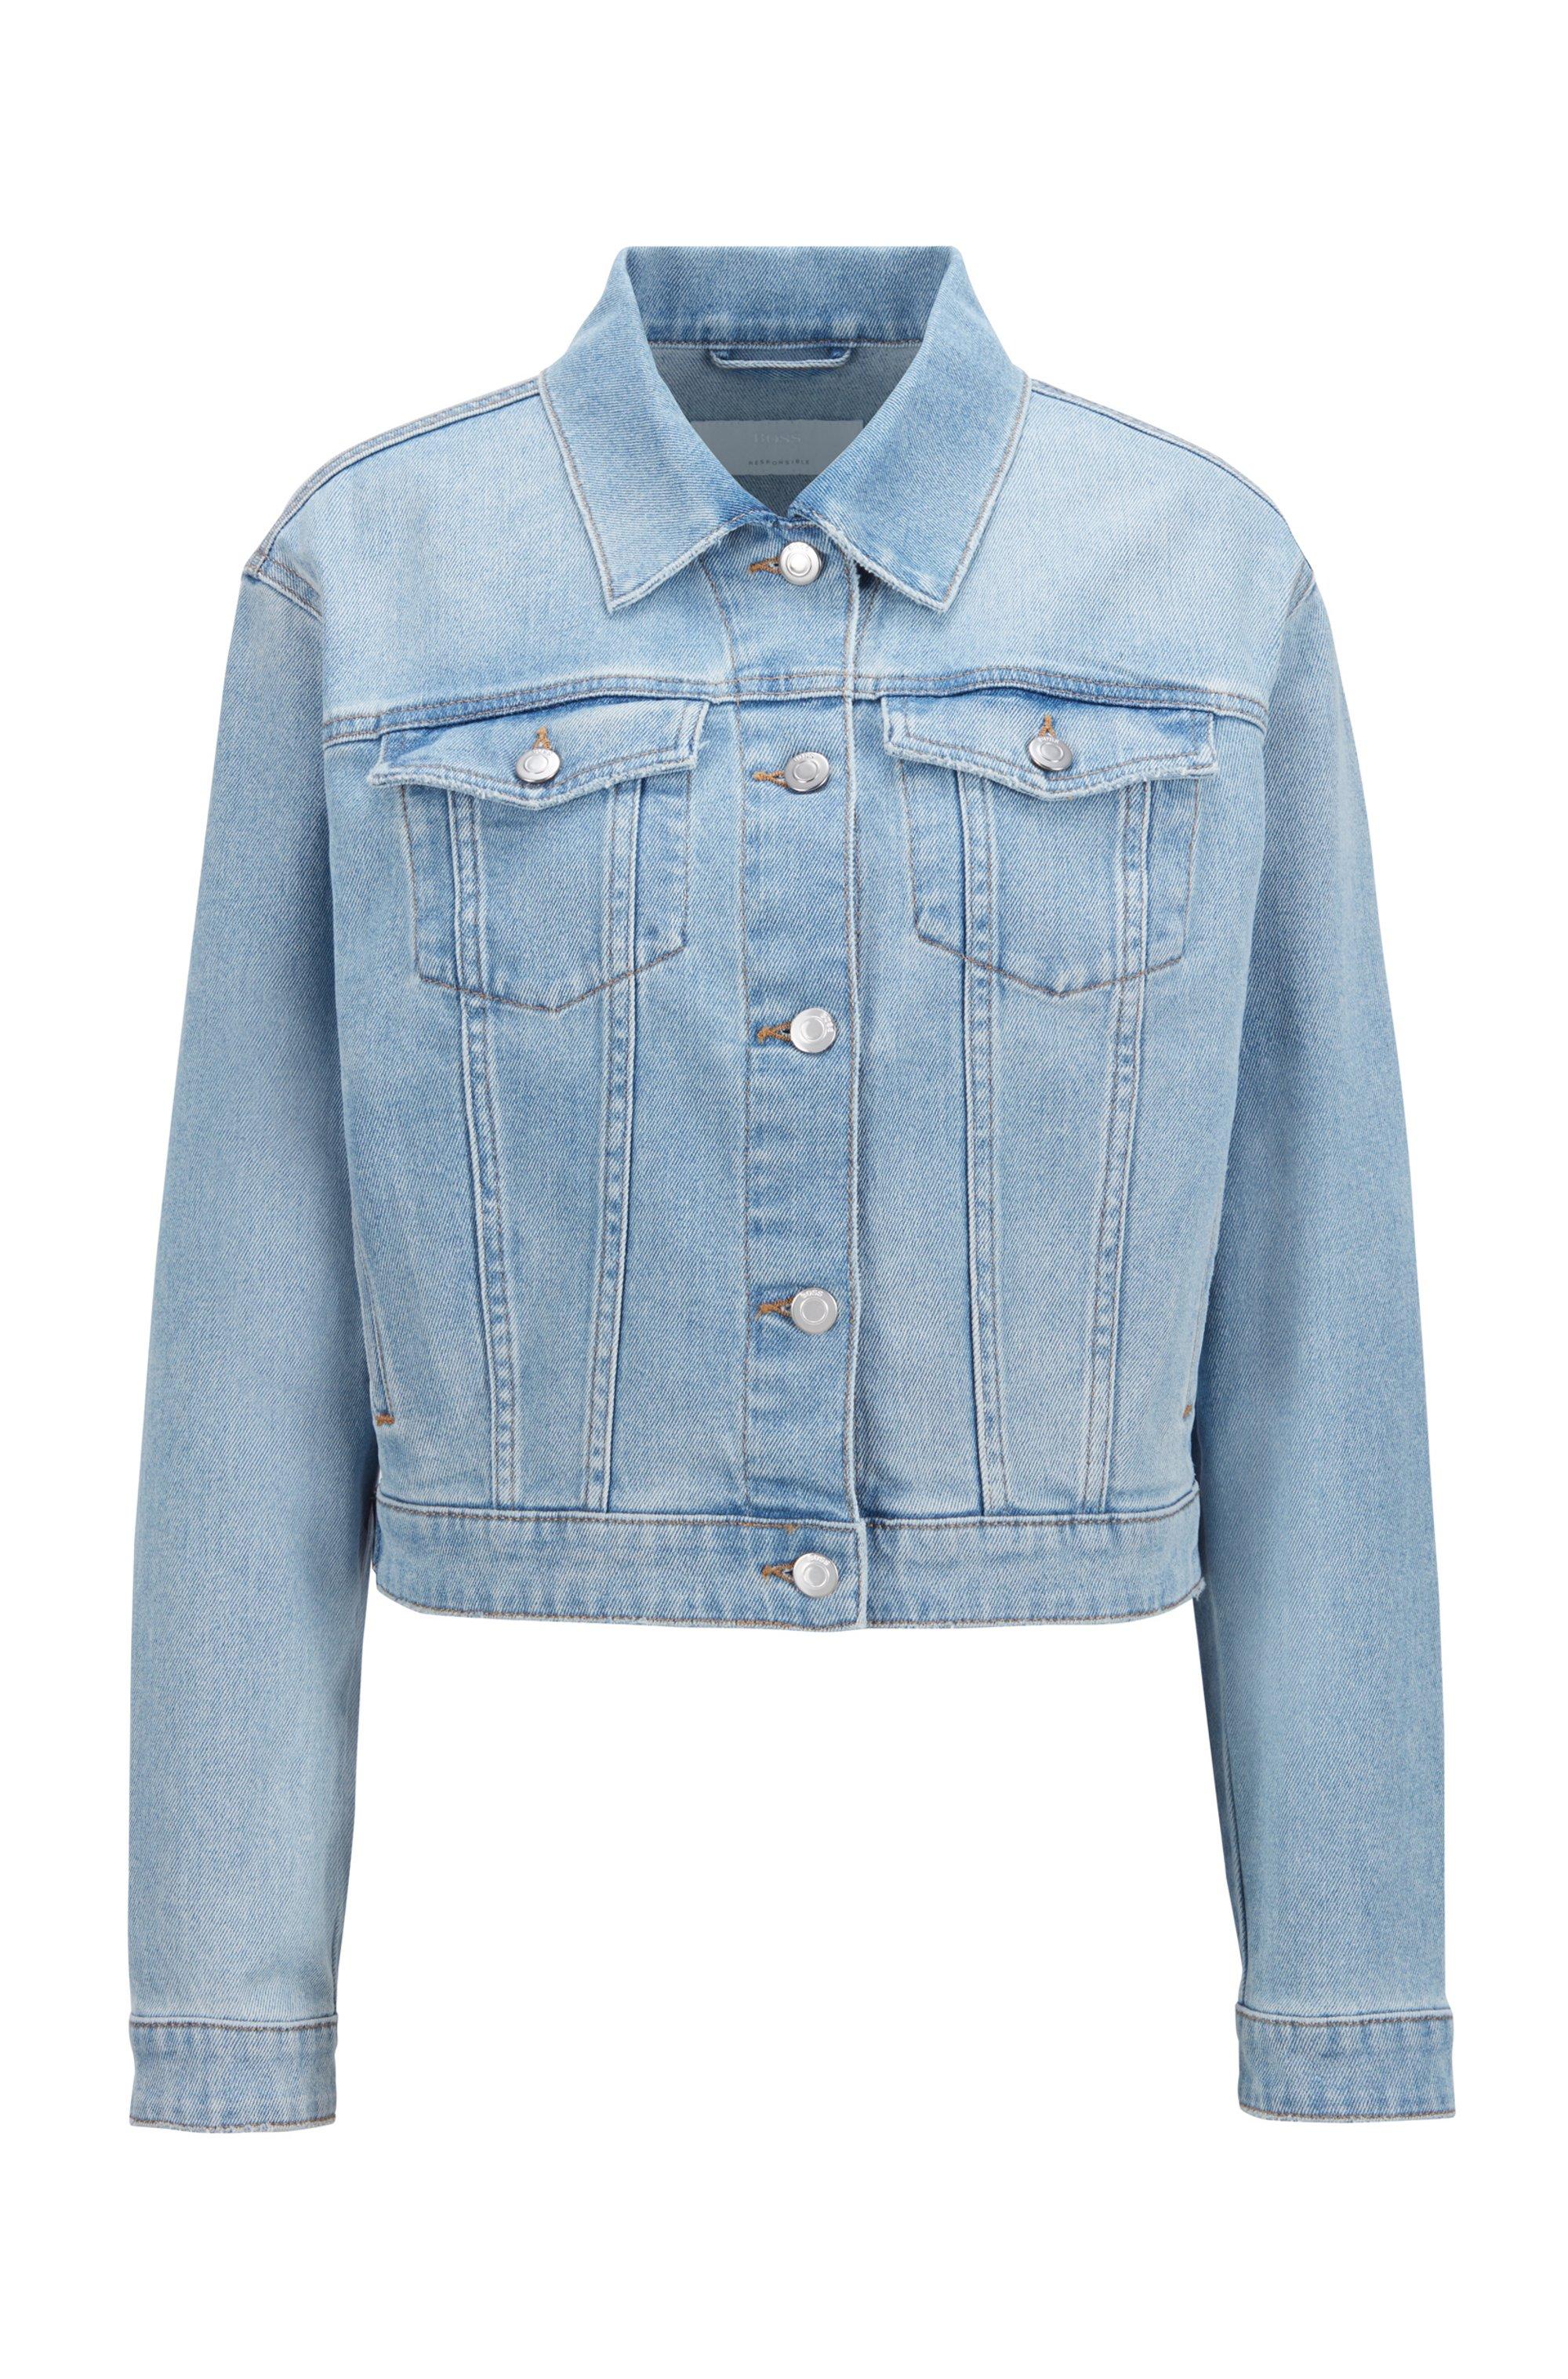 Veste en jean Relaxed Fit bleu délavé, bleu clair